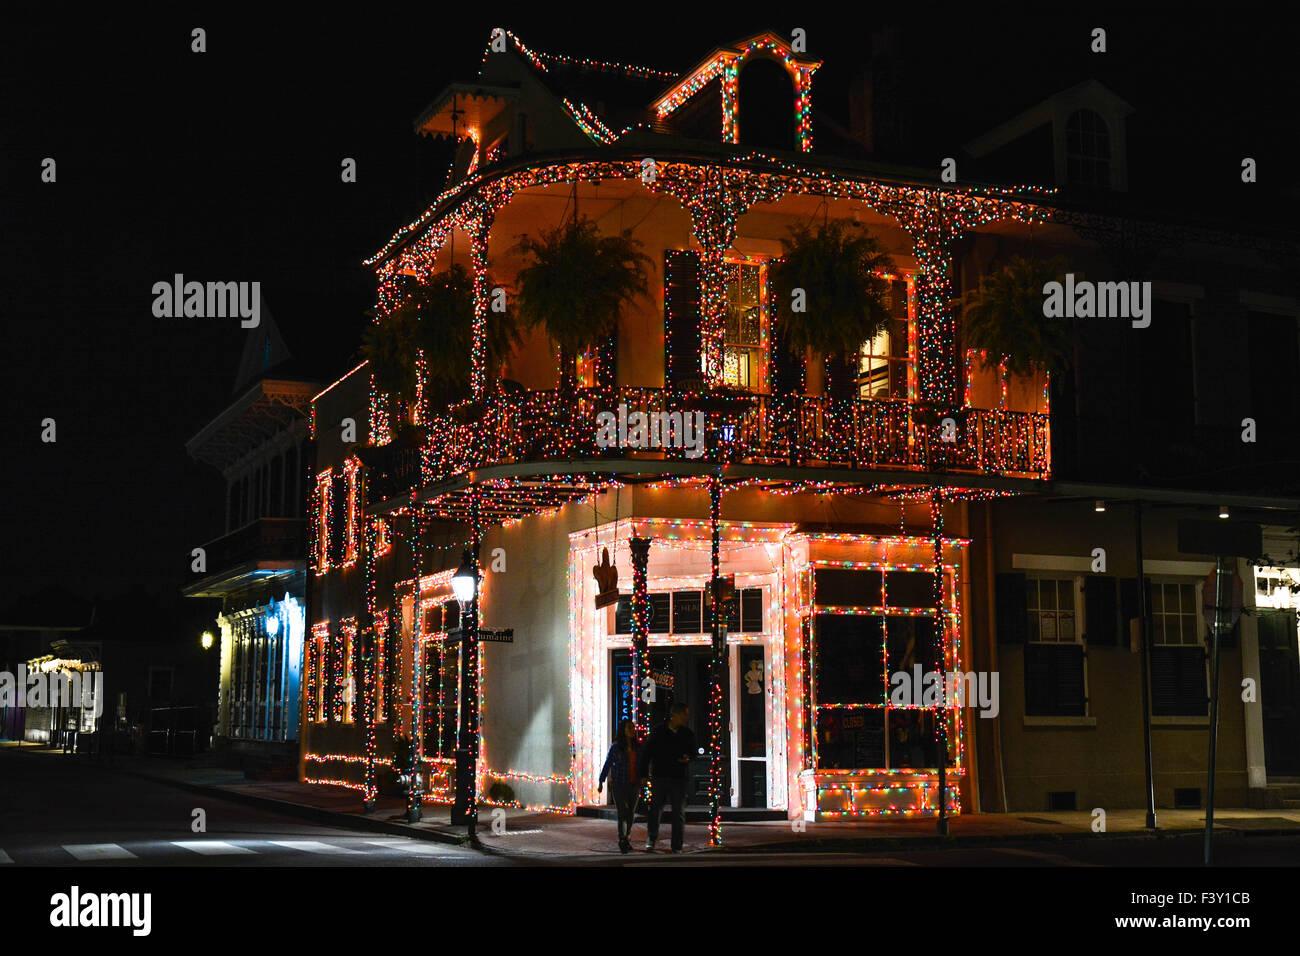 lumière de noël décorations élaborées mettez un quartier français